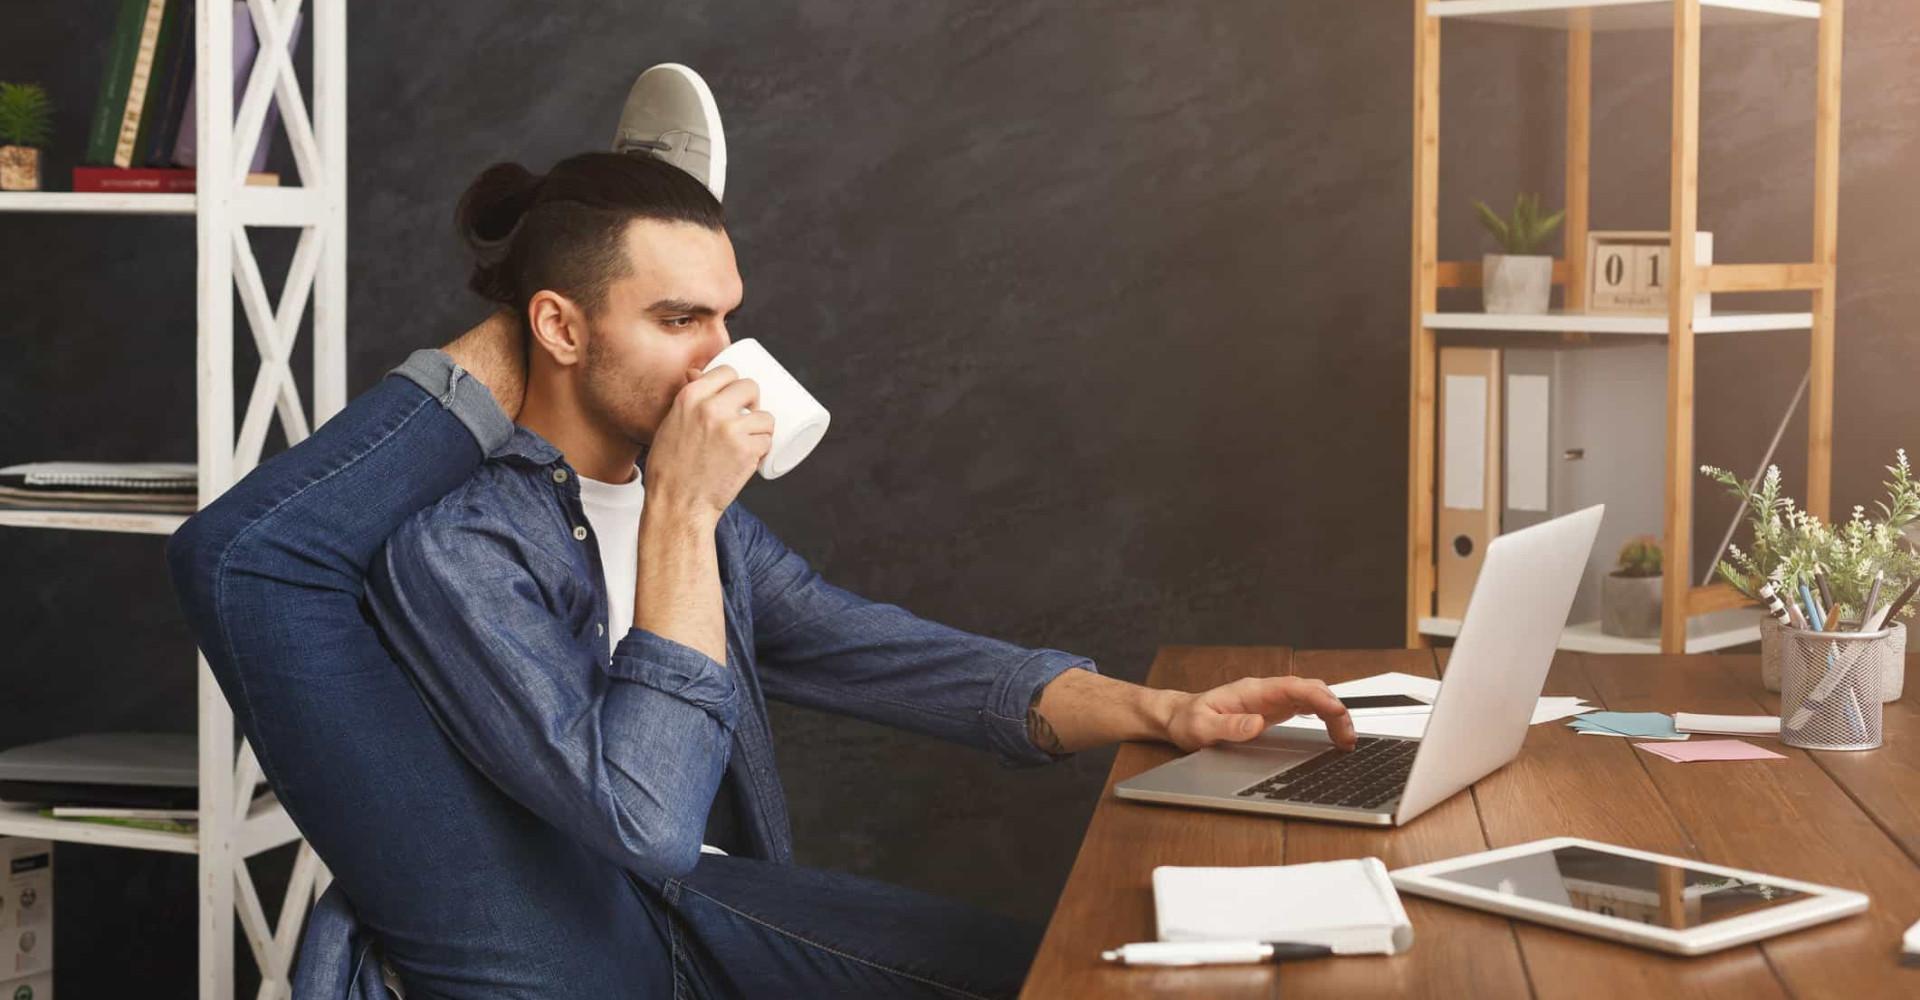 Istuminen on vaarallista: kätevät tavat lisätä liikuntaa työpäivääsi